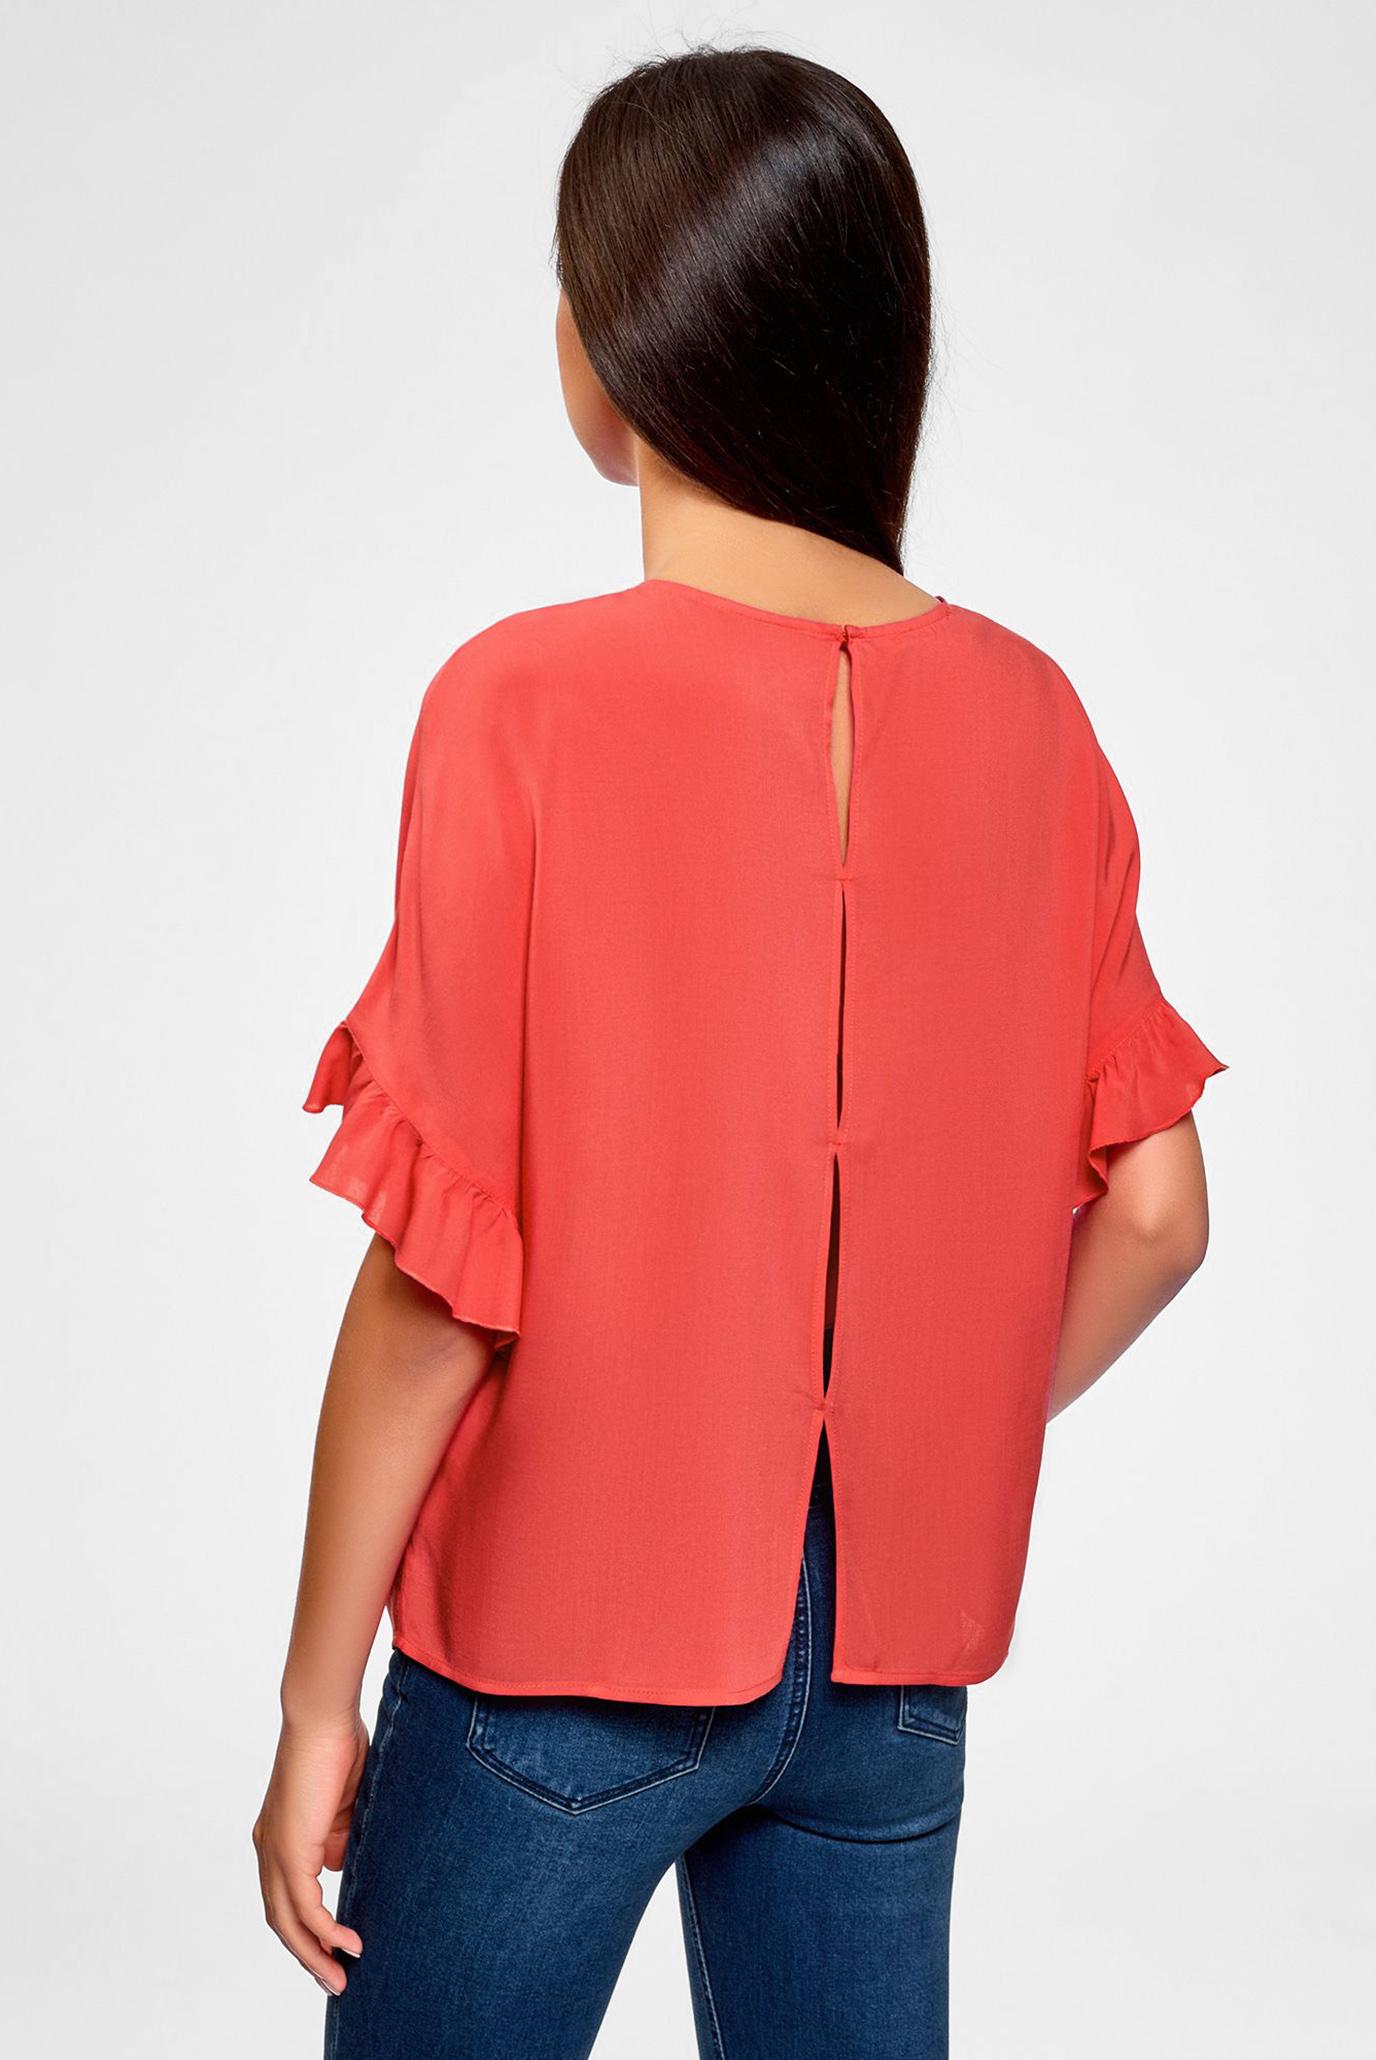 Купить Женская розовая блуза Oodji Oodji 11405138/46436/4D01N – Киев, Украина. Цены в интернет магазине MD Fashion